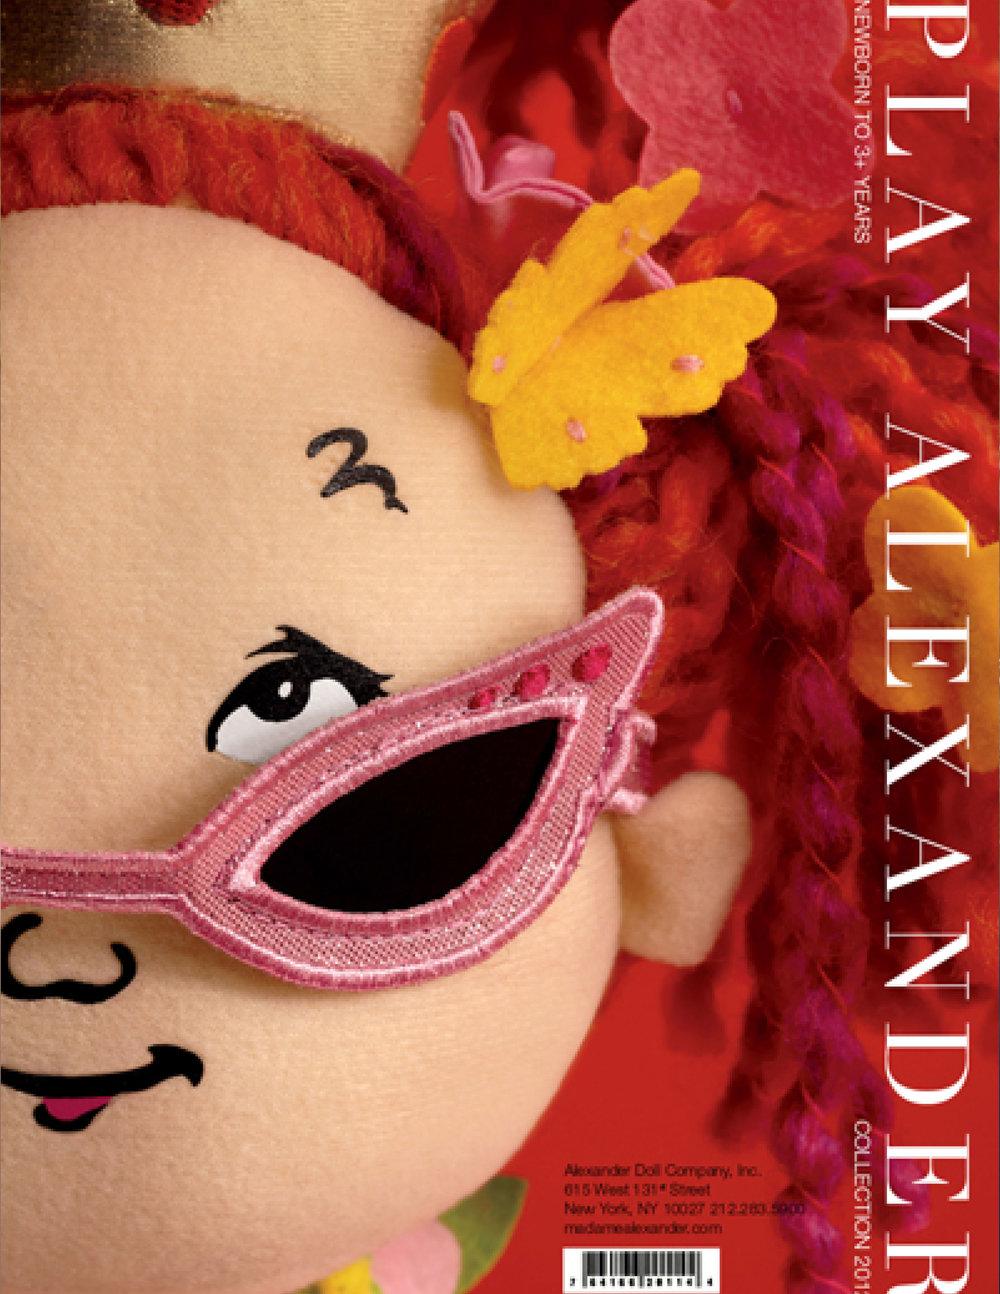 2012 Play Catalog